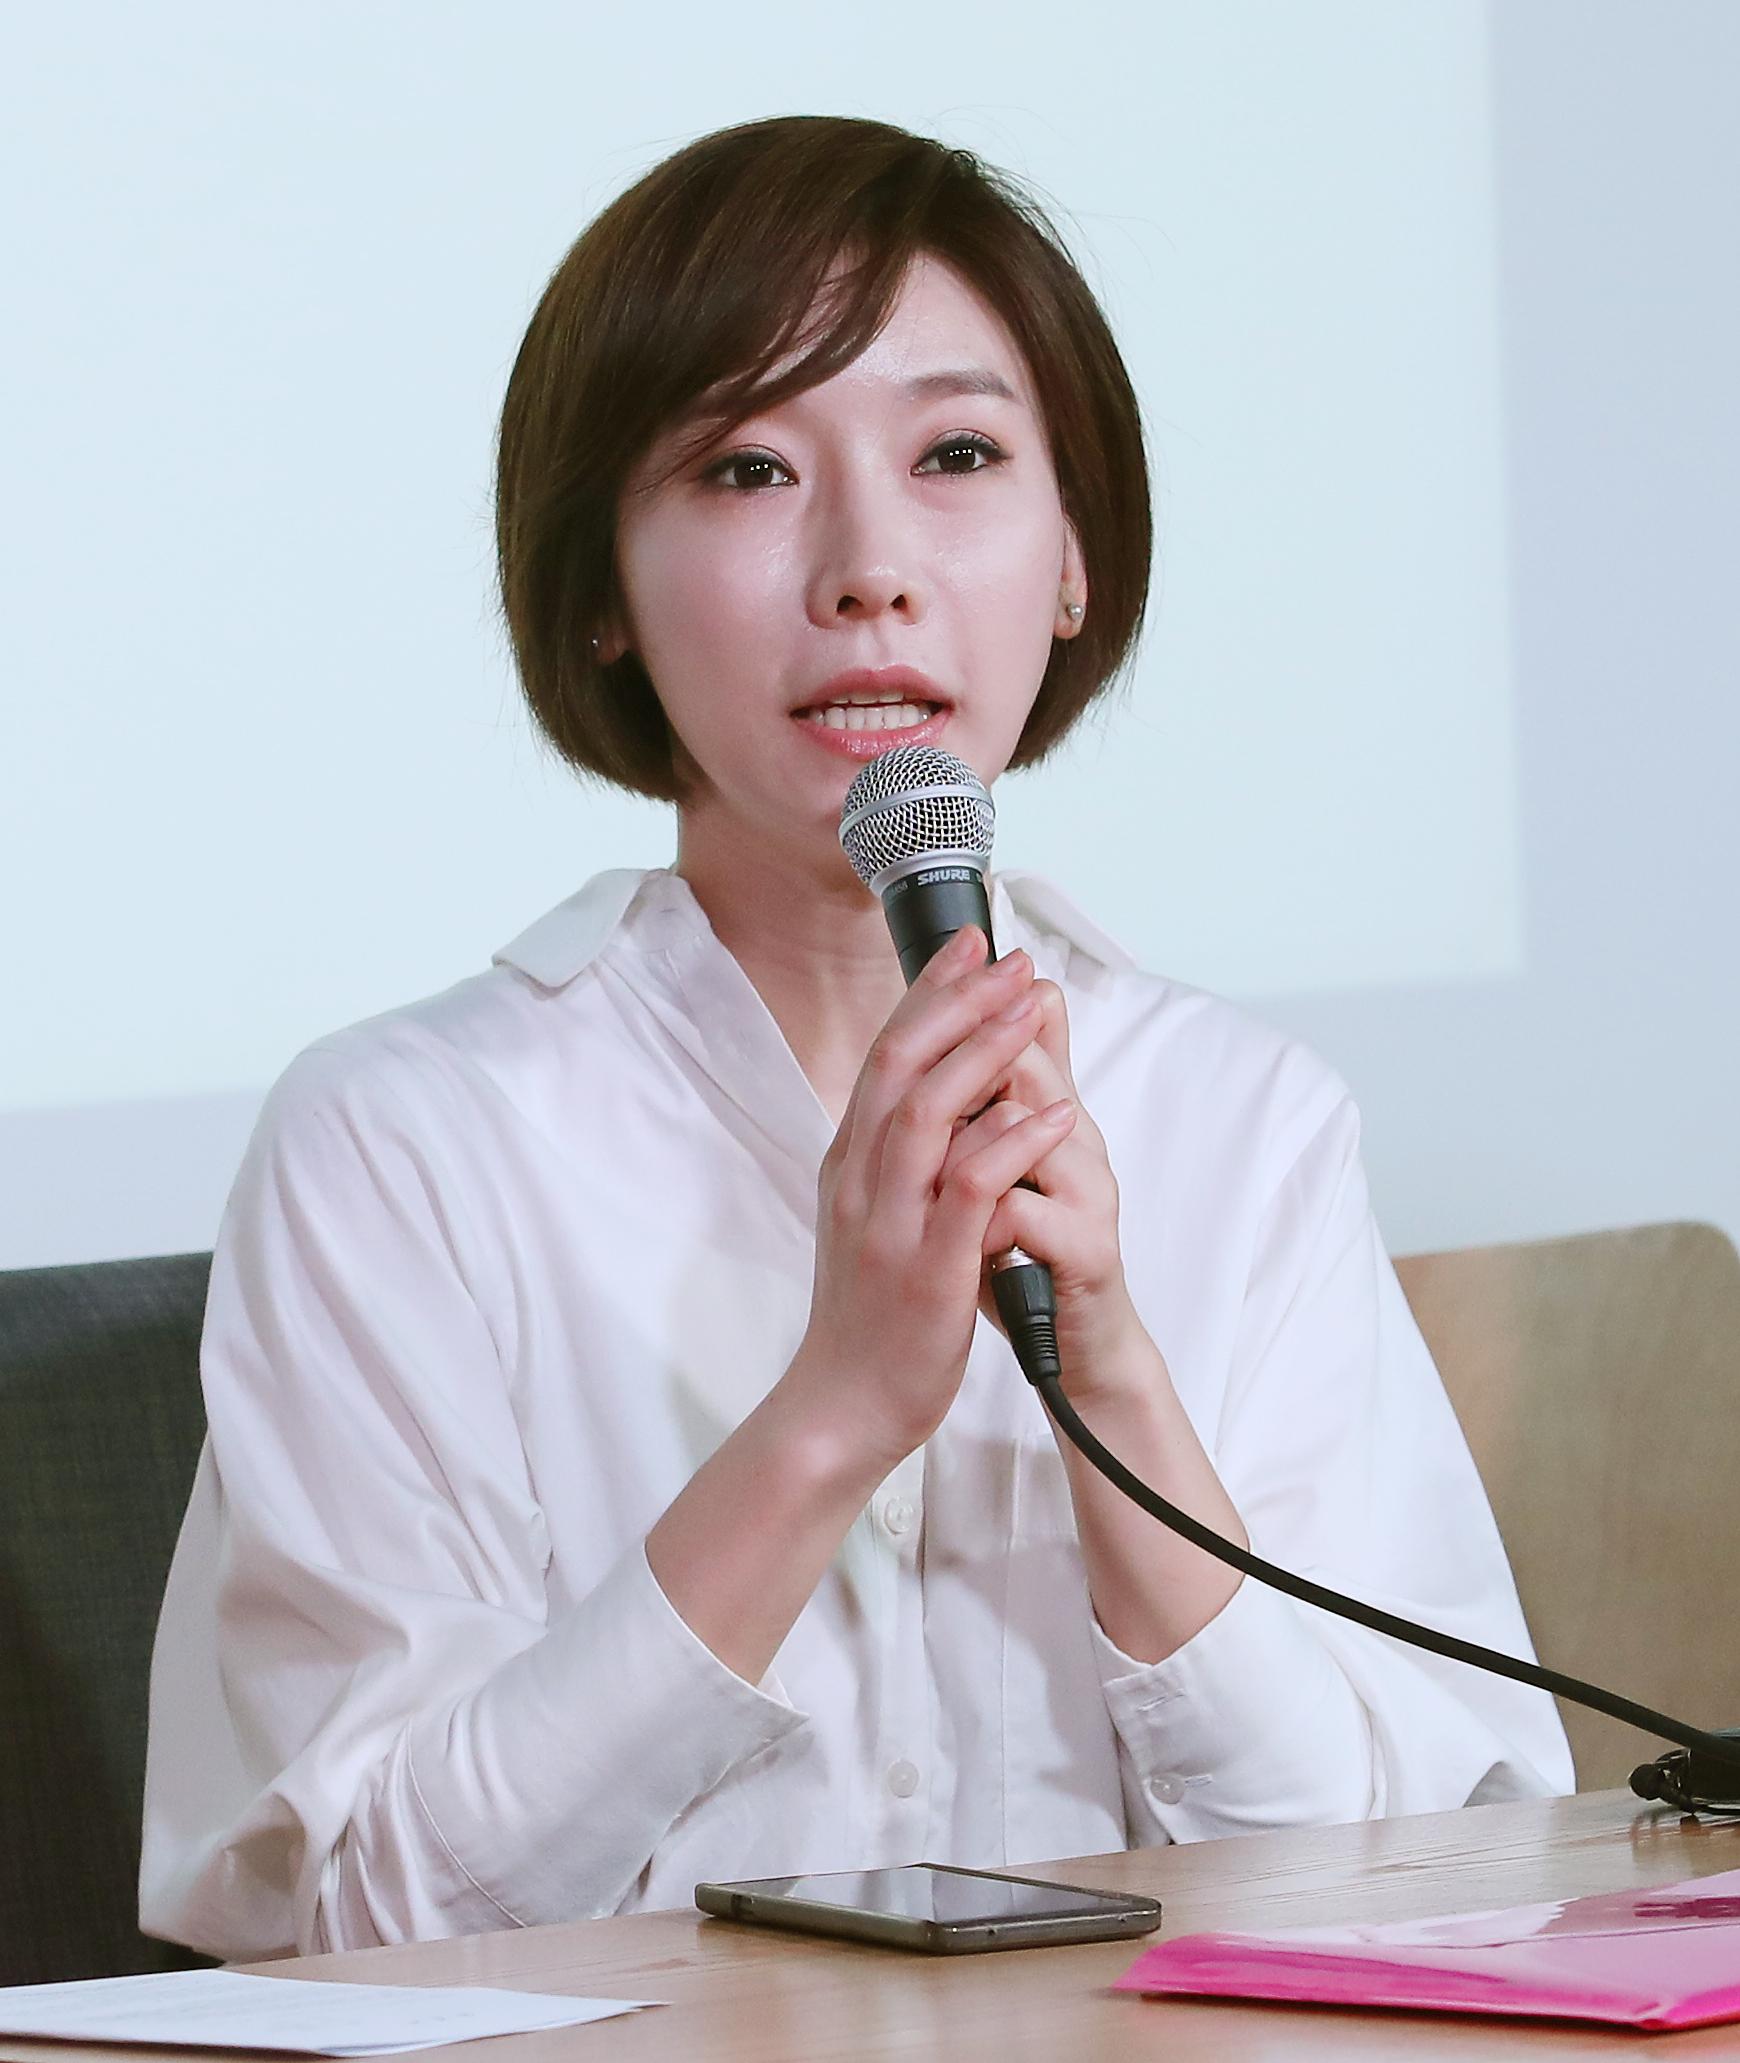 곽현화 상반신 노출 무단공개한 감독…1심 2000만원 배상